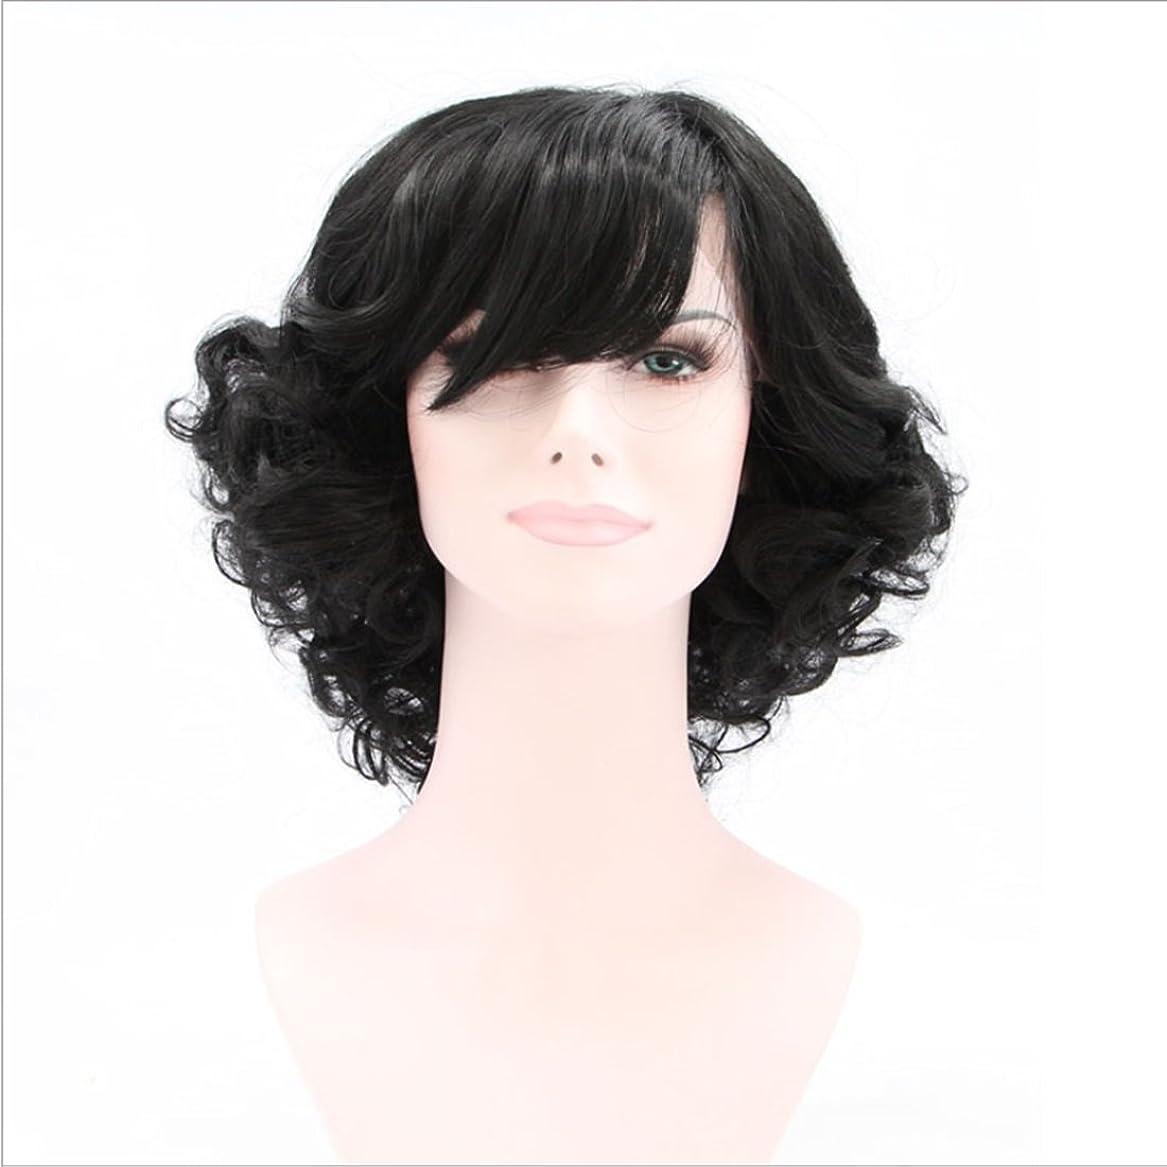 里親割り当てユニークなDoyvanntgo 女性のための短いカーリーウィッグ高温シルクのフロント斜めバングの合成毛のフロントフルハウス織りのための自然な黒のかつらカーリーヘア (Color : ブラック)